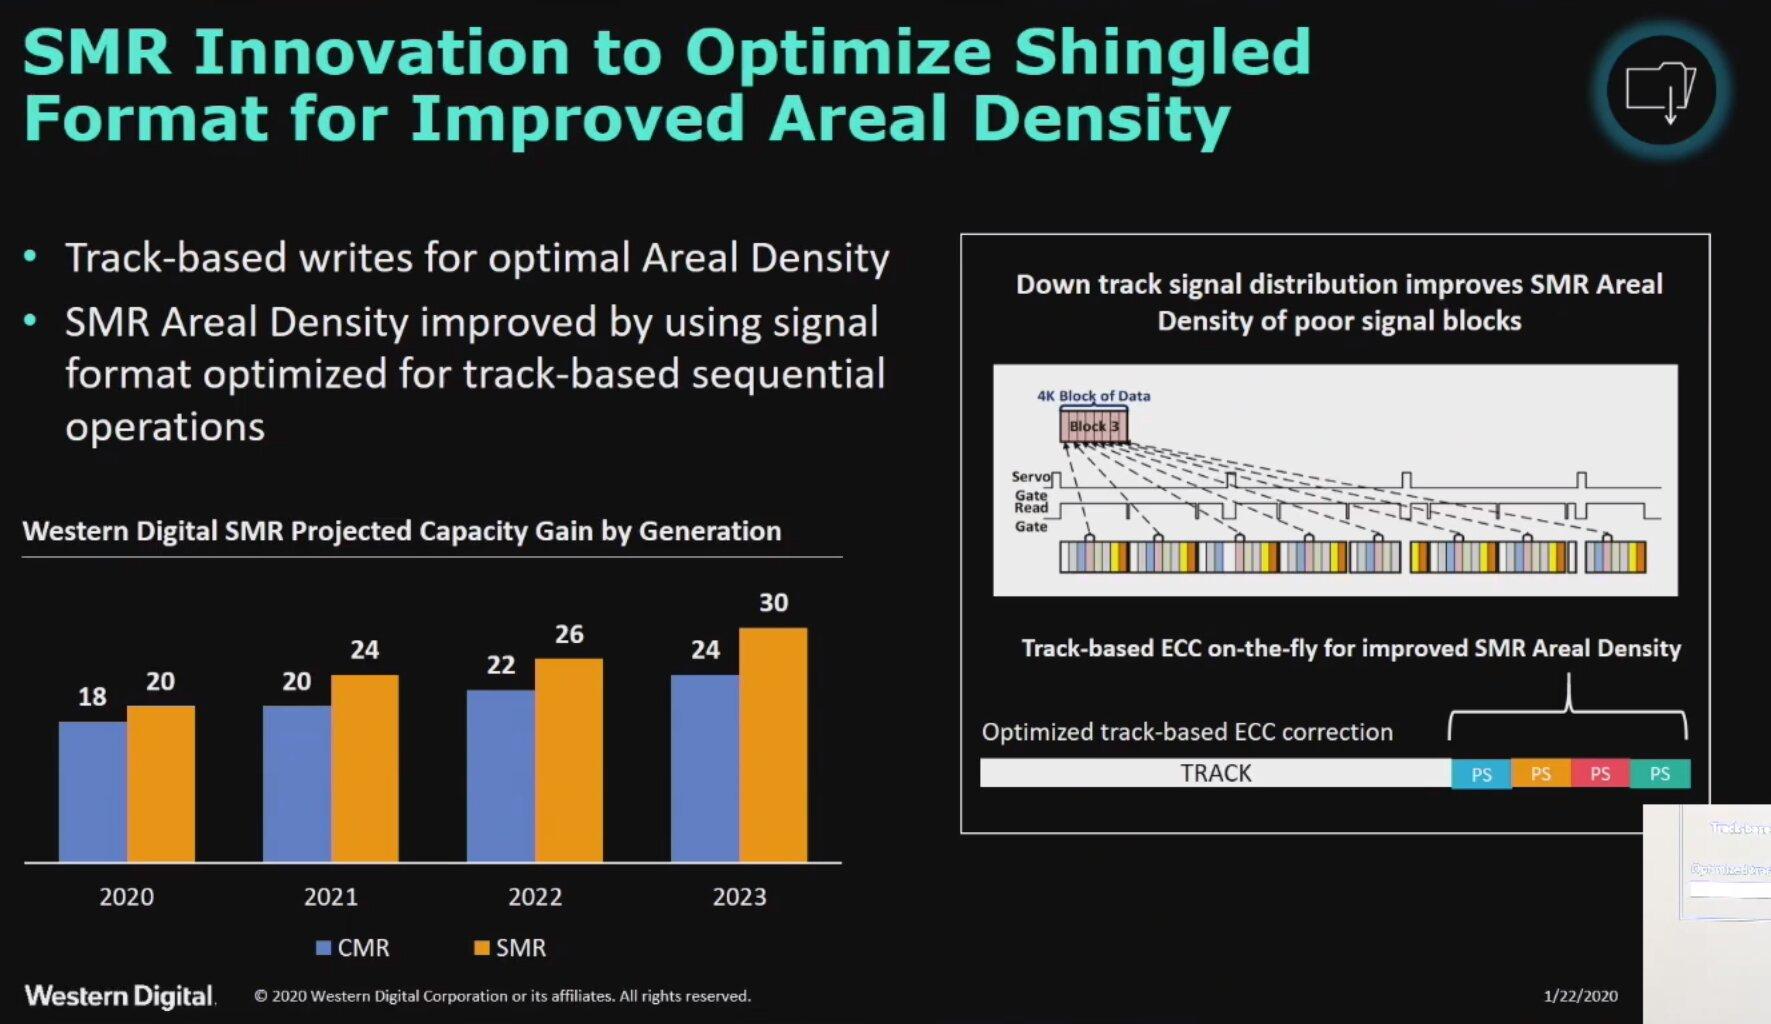 Weitere Optimierung für SMR-Technik